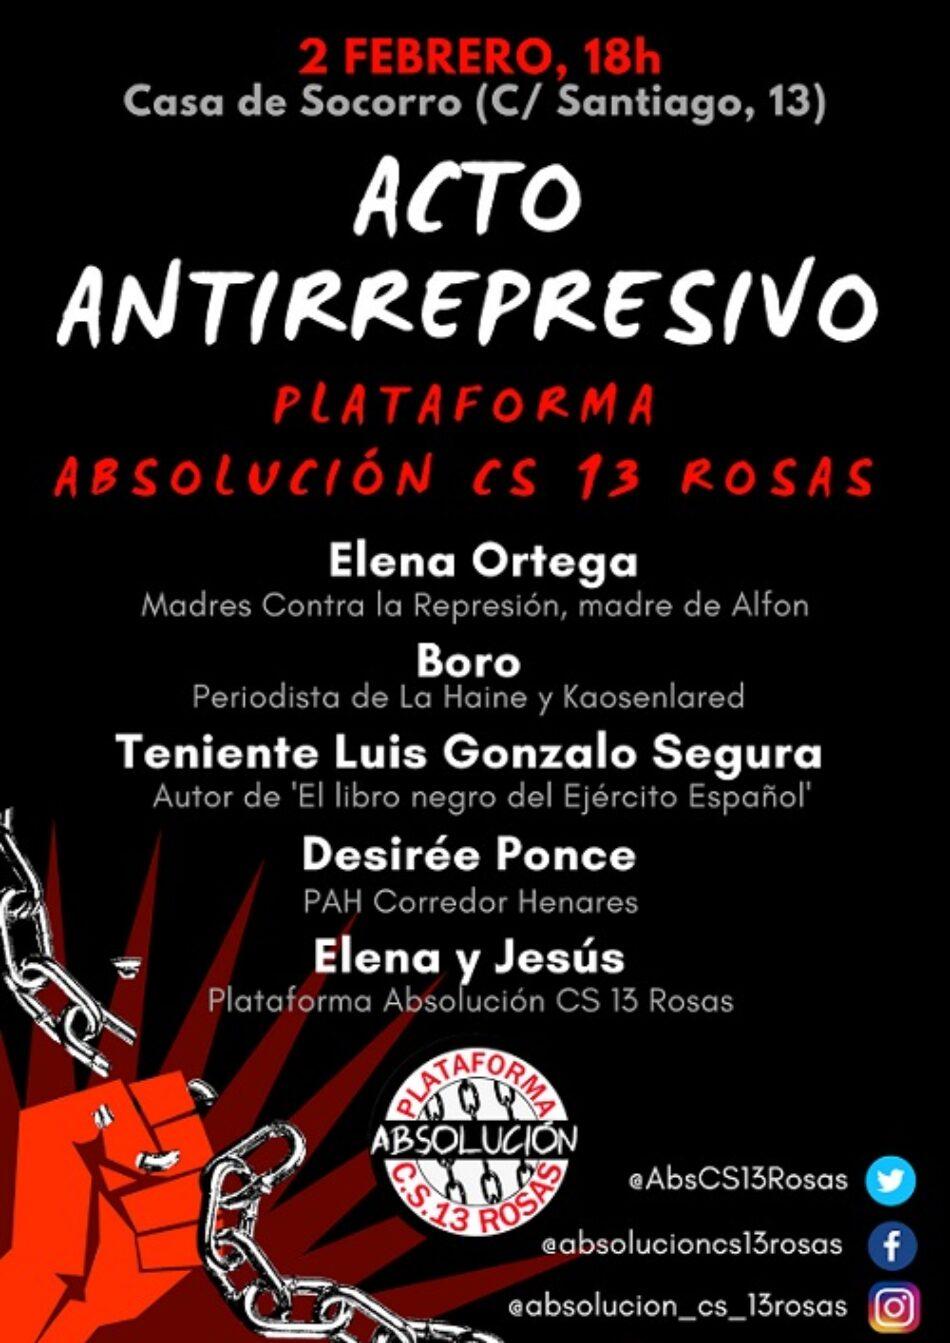 La Plataforma Absolución Centro Social 13 Rosas celebra este sábado un acto antirrepresivo para volver a exigir la absolución de Elena y Jesús